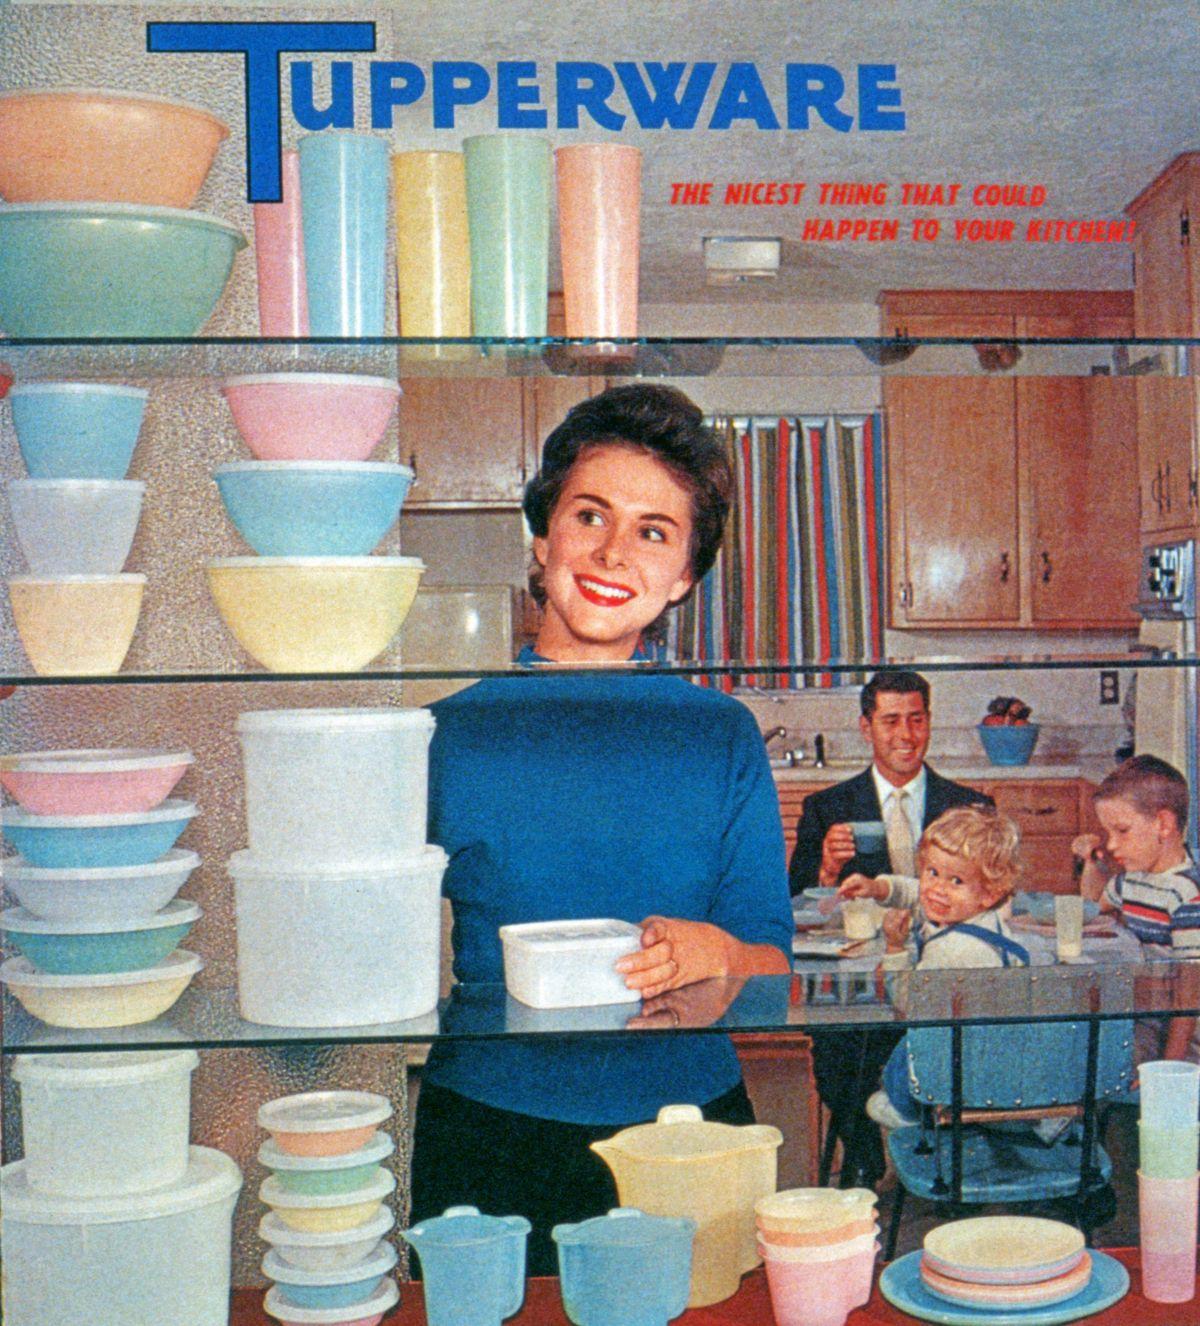 Tupperware advertisement featuring a Joe Steinmetz photograph.